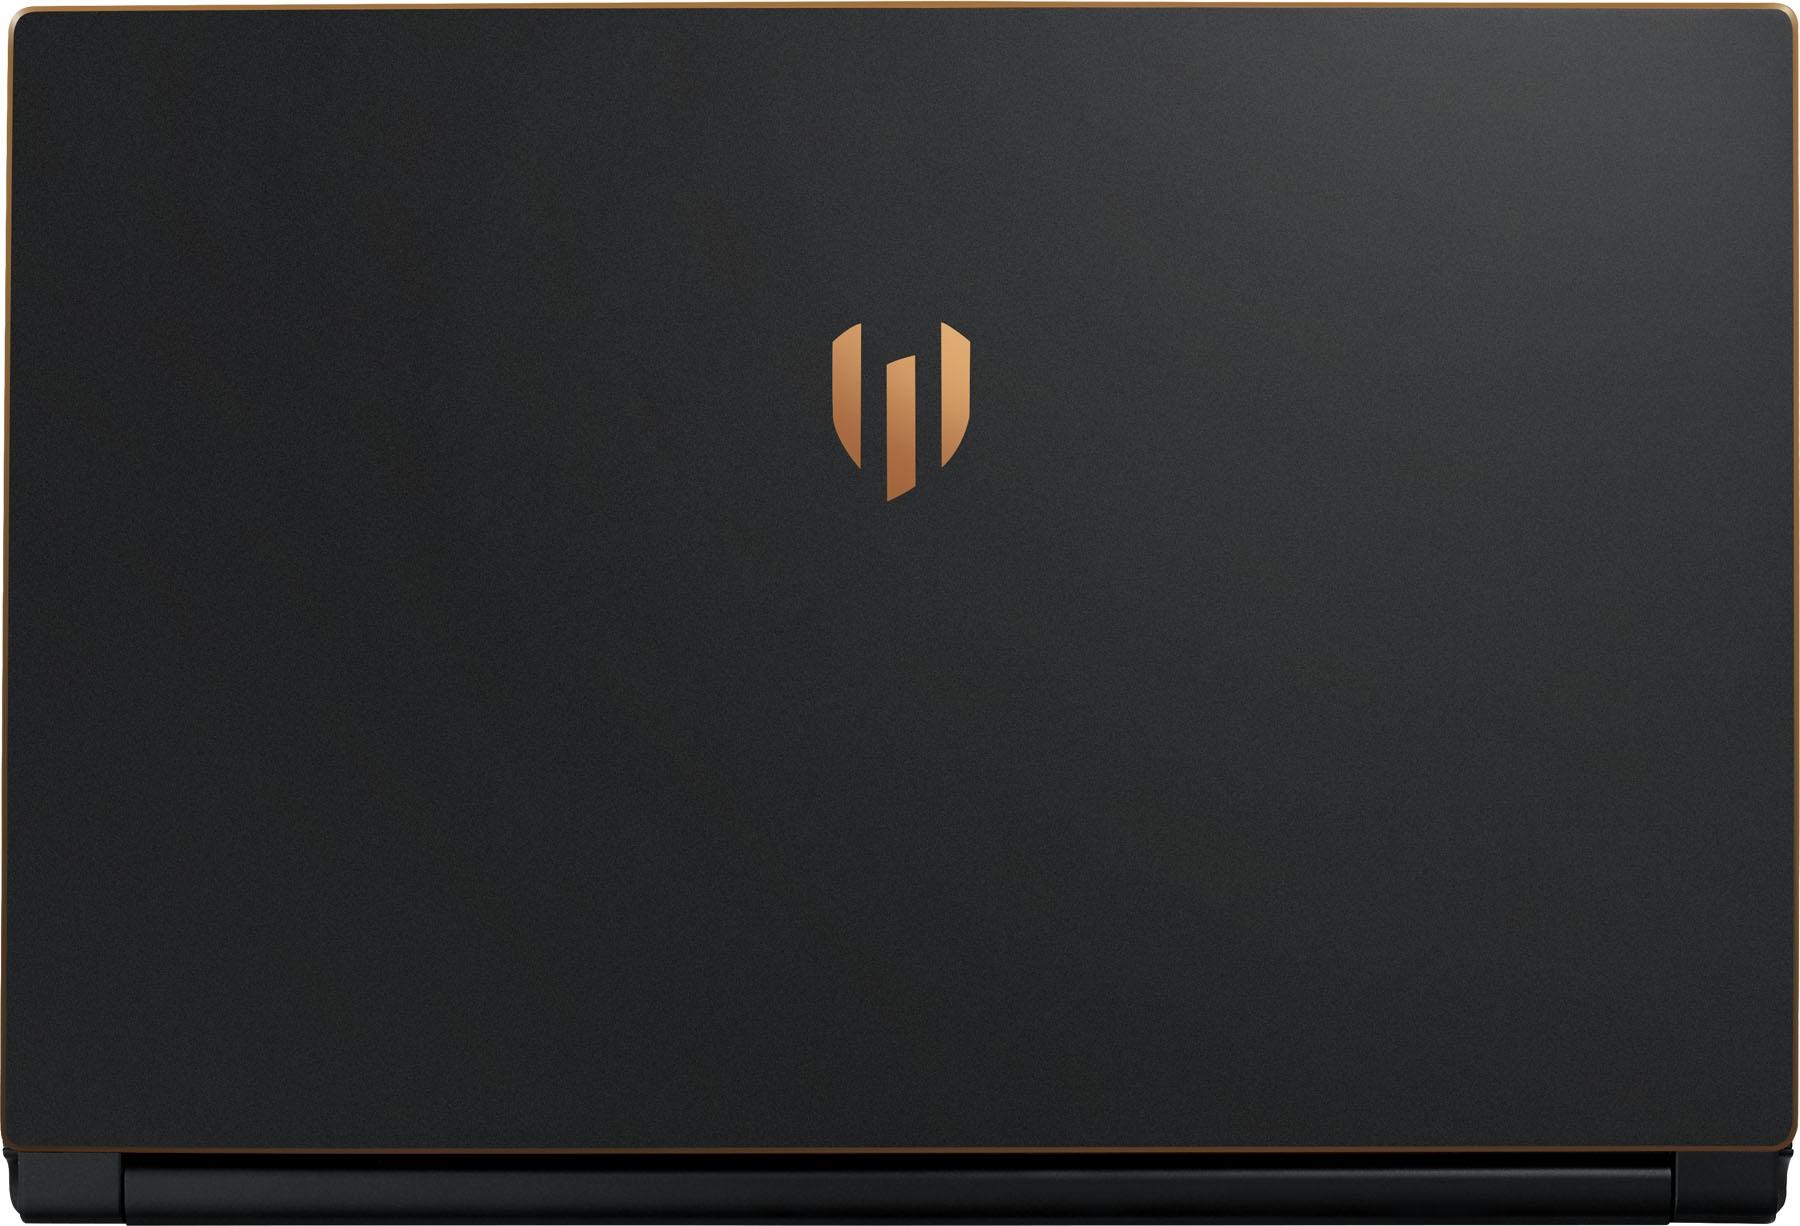 MSI WS65 9TL-685, nVidia Quadro RTX 4000 GPU 8GB GDDR5, 9th Gen Intel Core  i9-9980H